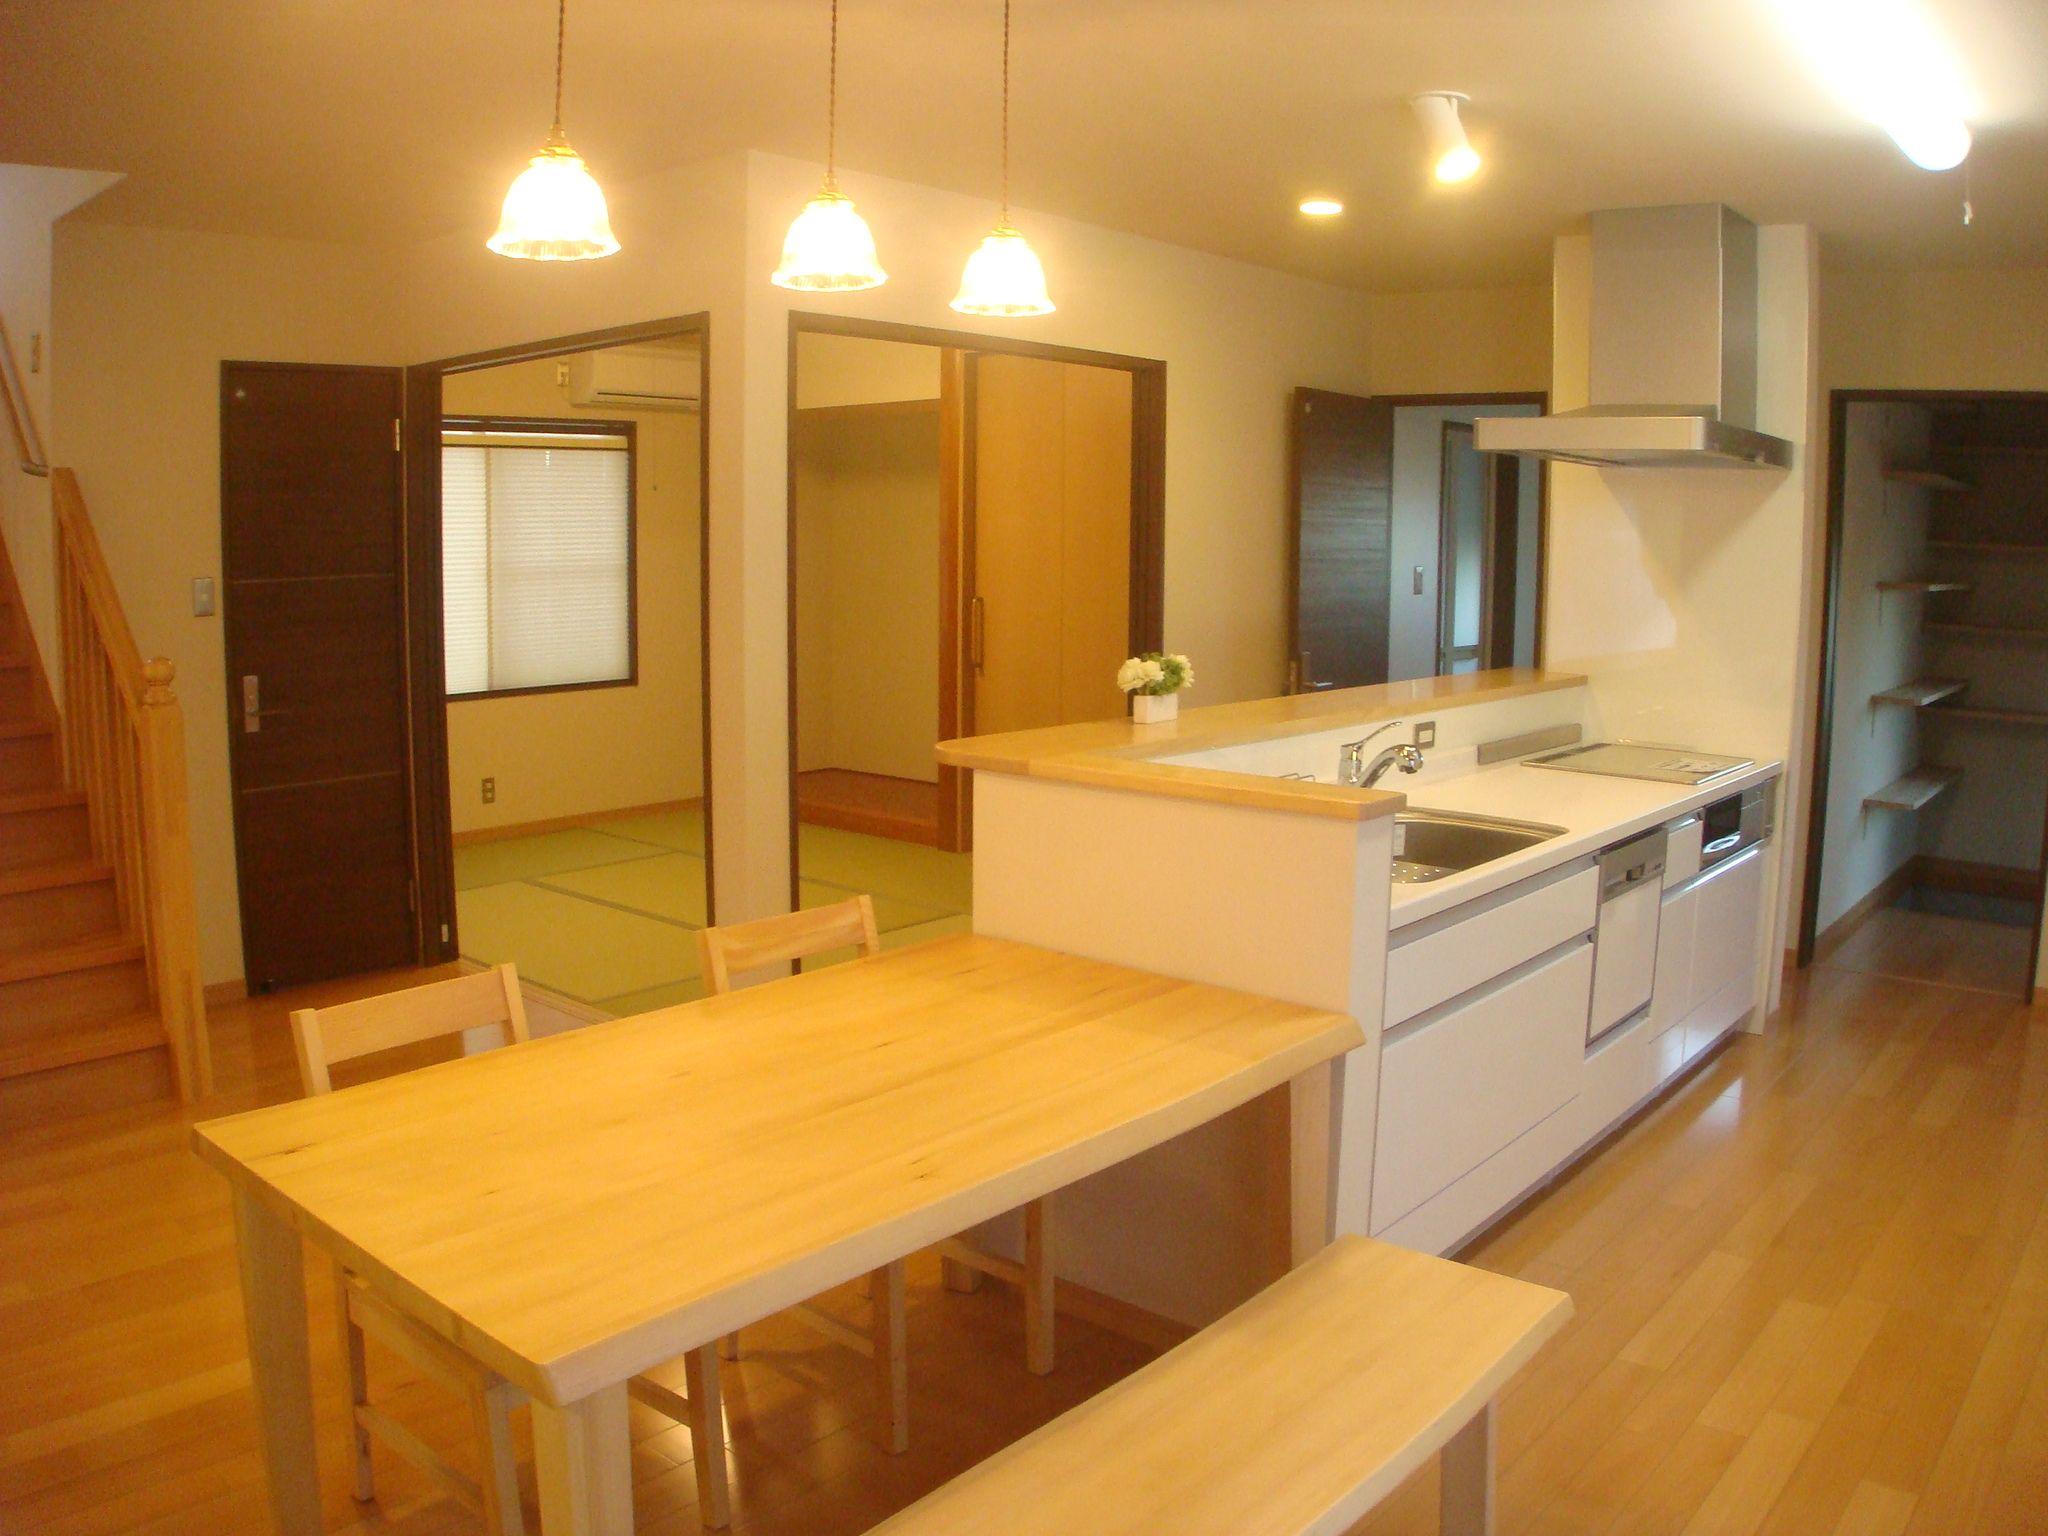 キッチン横奥にはパントリー ダイニングテーブルも並べて設置 空間の広がりと導線を配慮 ダイニング テーブル ダイニングテーブル